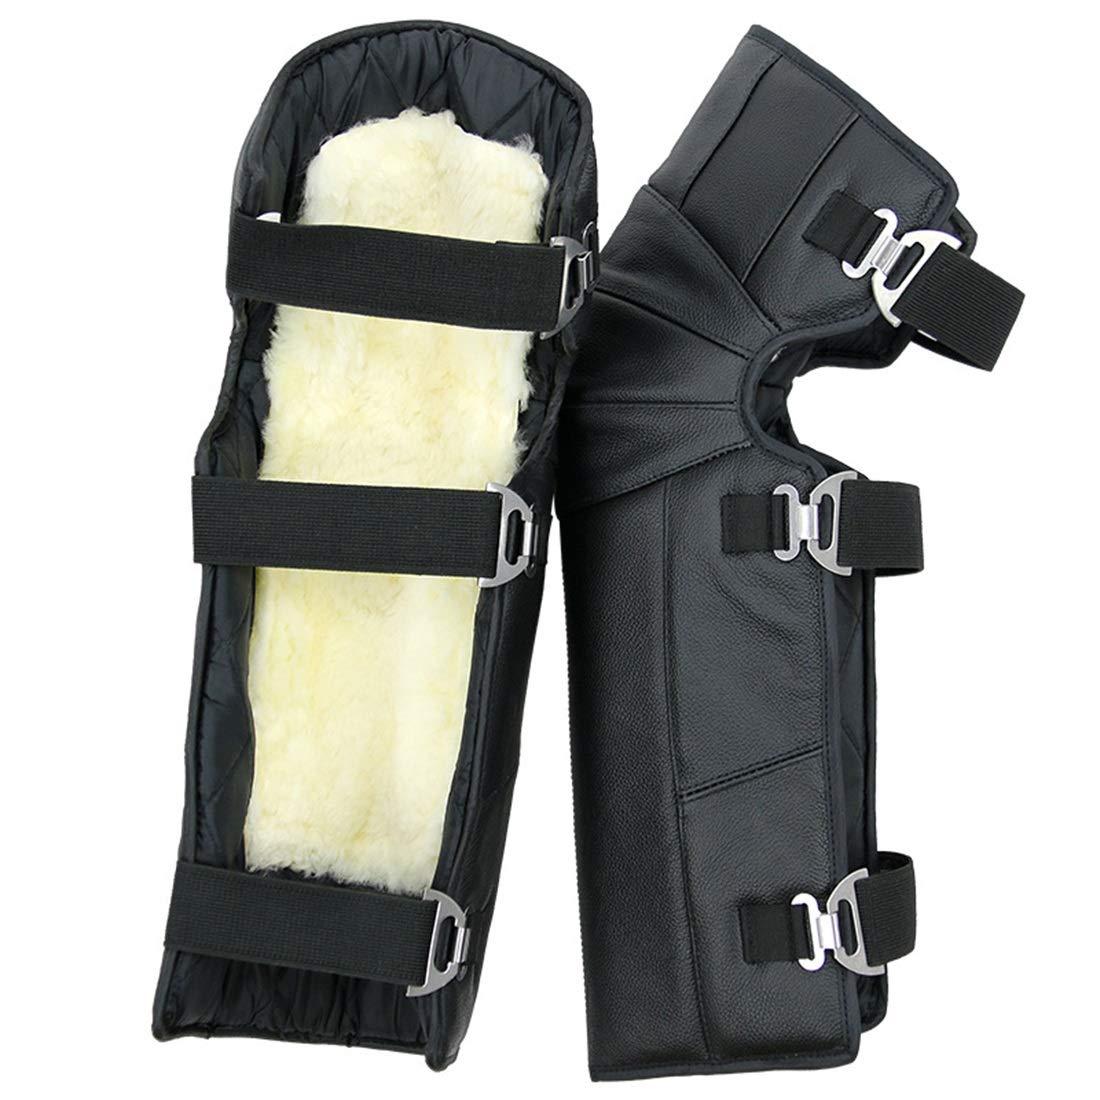 Cvthfyk Motorrad Reiten Knieschützer wasserdicht Winddicht warm Outdoor Winter Schutzausrüstung (Farbe : Schwarz)